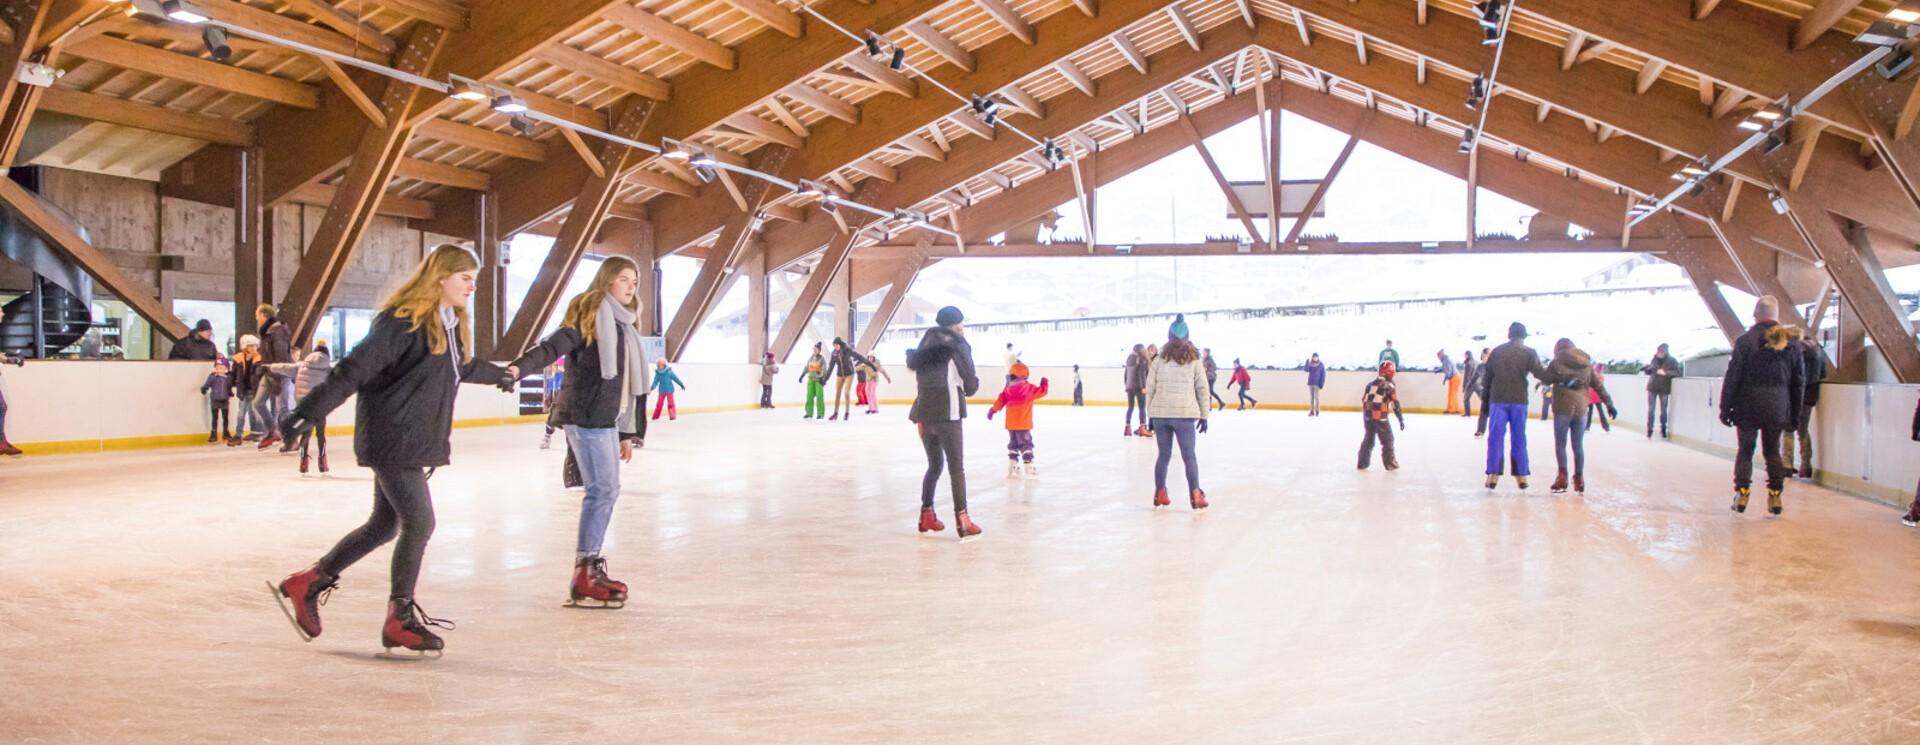 patinoire-activités-hiver-legrandbornand-patinage-loisir-àvoiràfaire